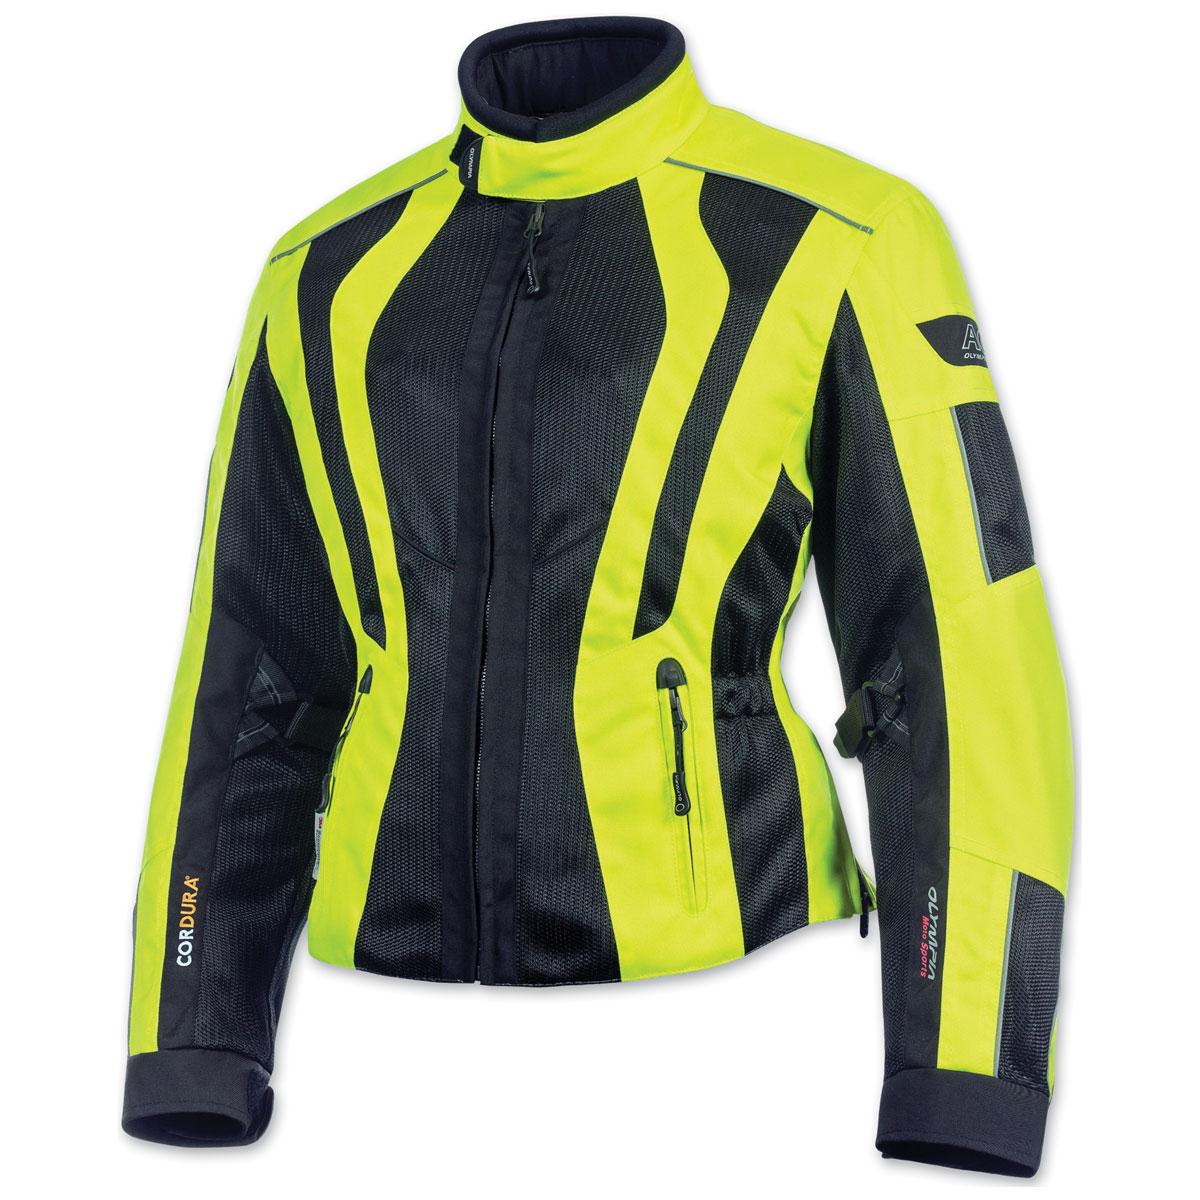 Olympia Moto Sports Women's Airglide 5 Mesh Tech Neon Yellow Jacket